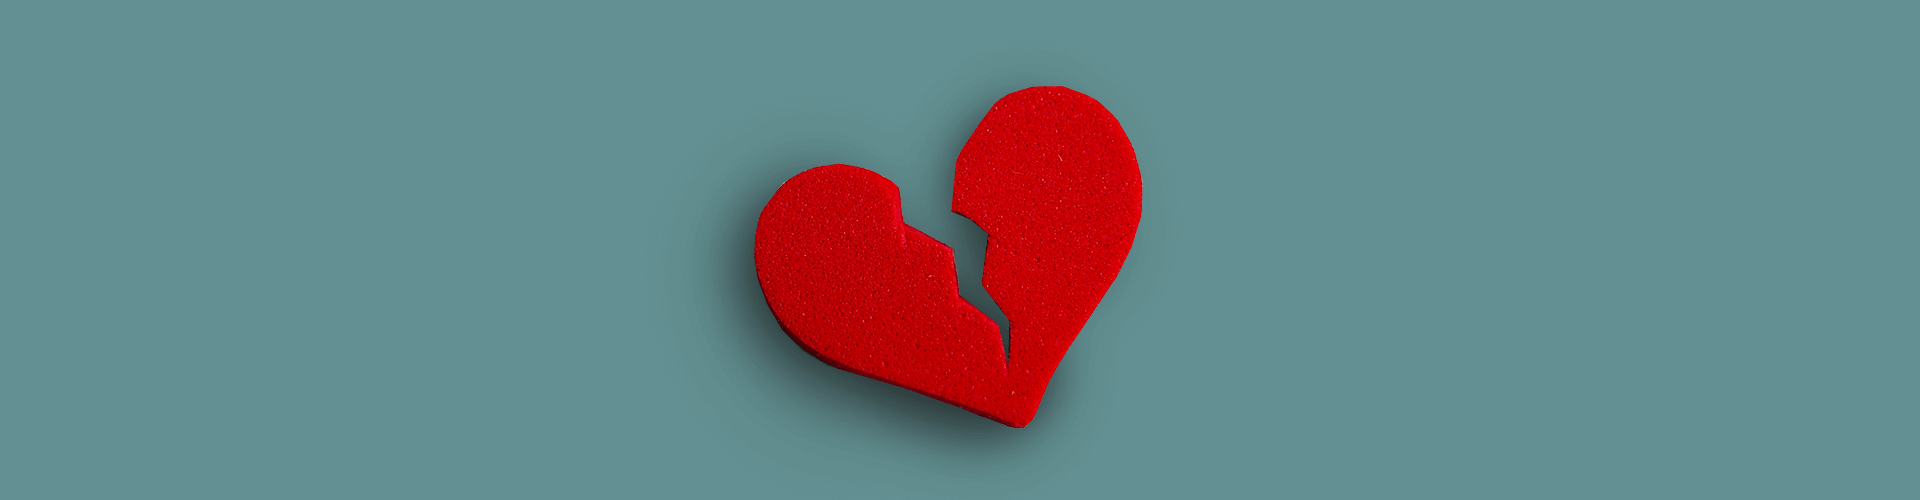 разбитое сердце, горе, потеря кормильца